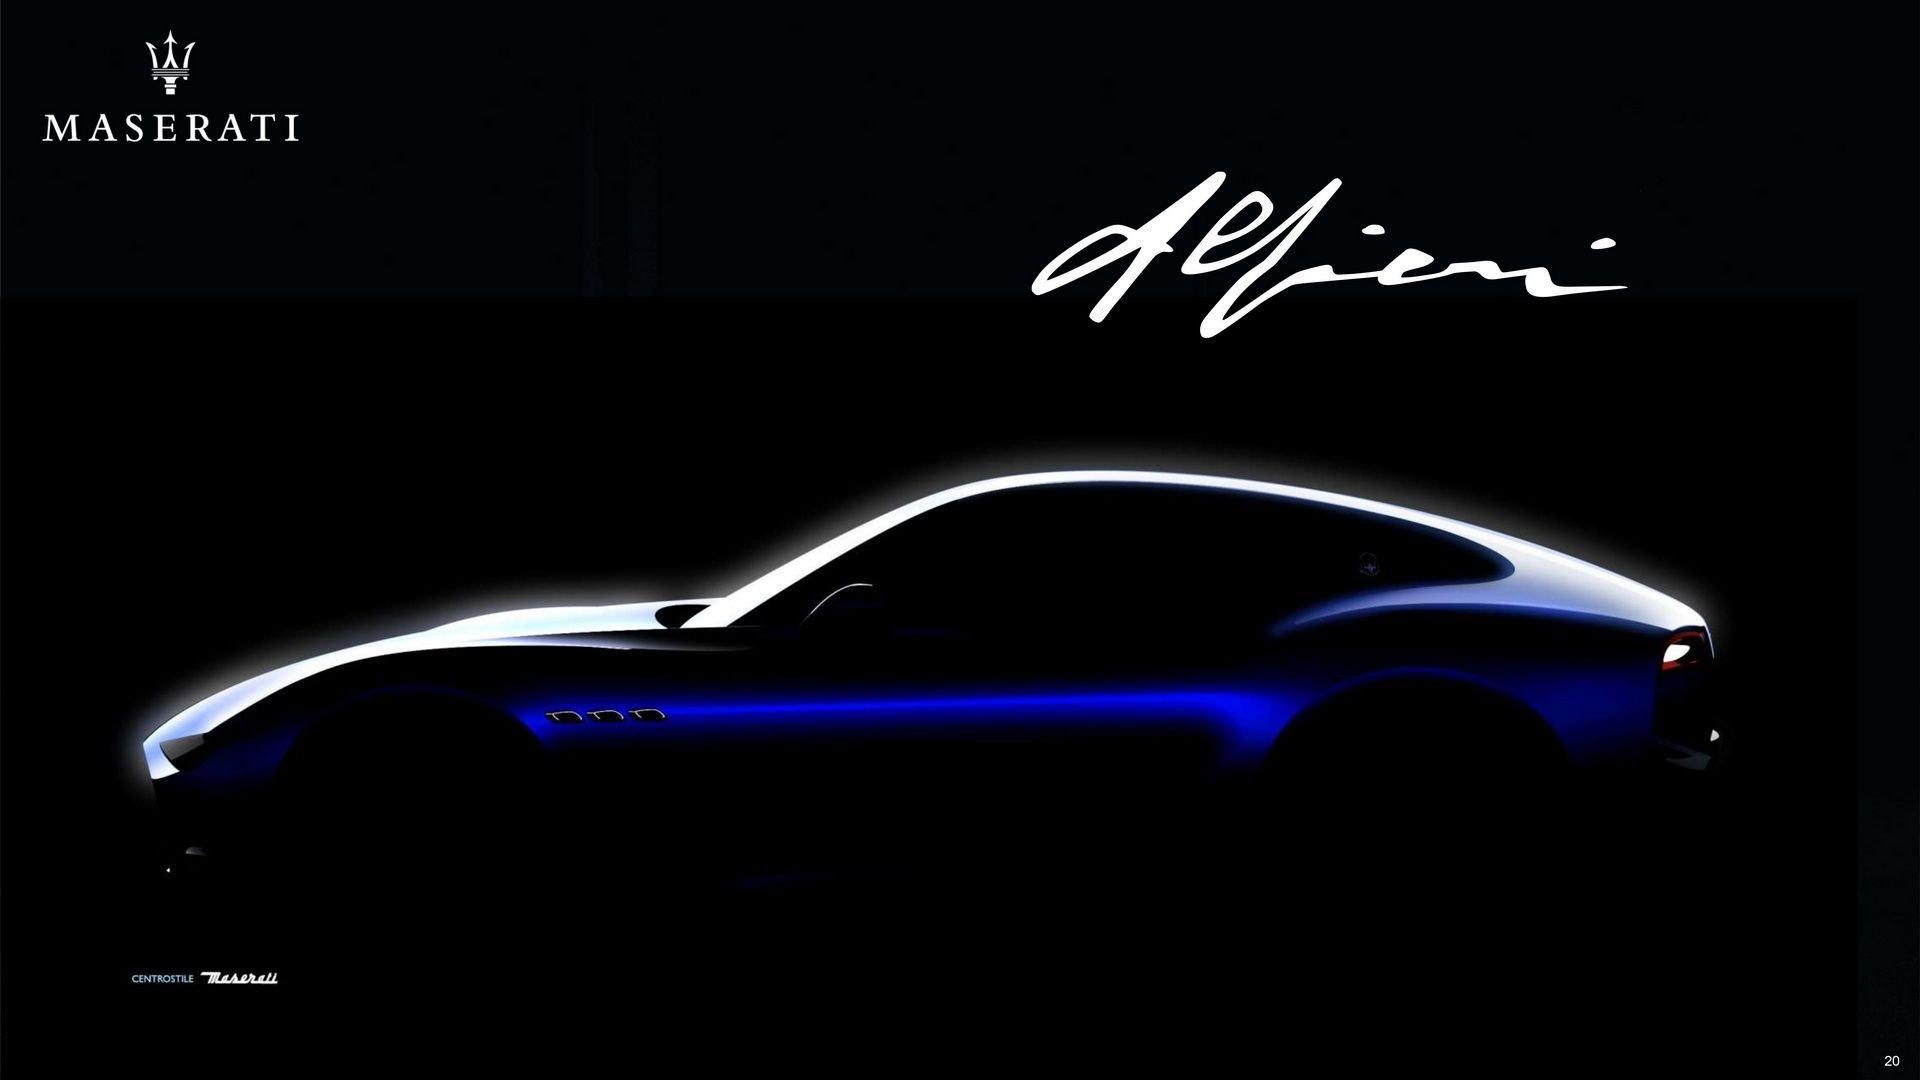 Maserati úp mở về một chiếc siêu xe hoàn toàn mới ra mắt vào tháng 5 năm 2020 - Hình 2